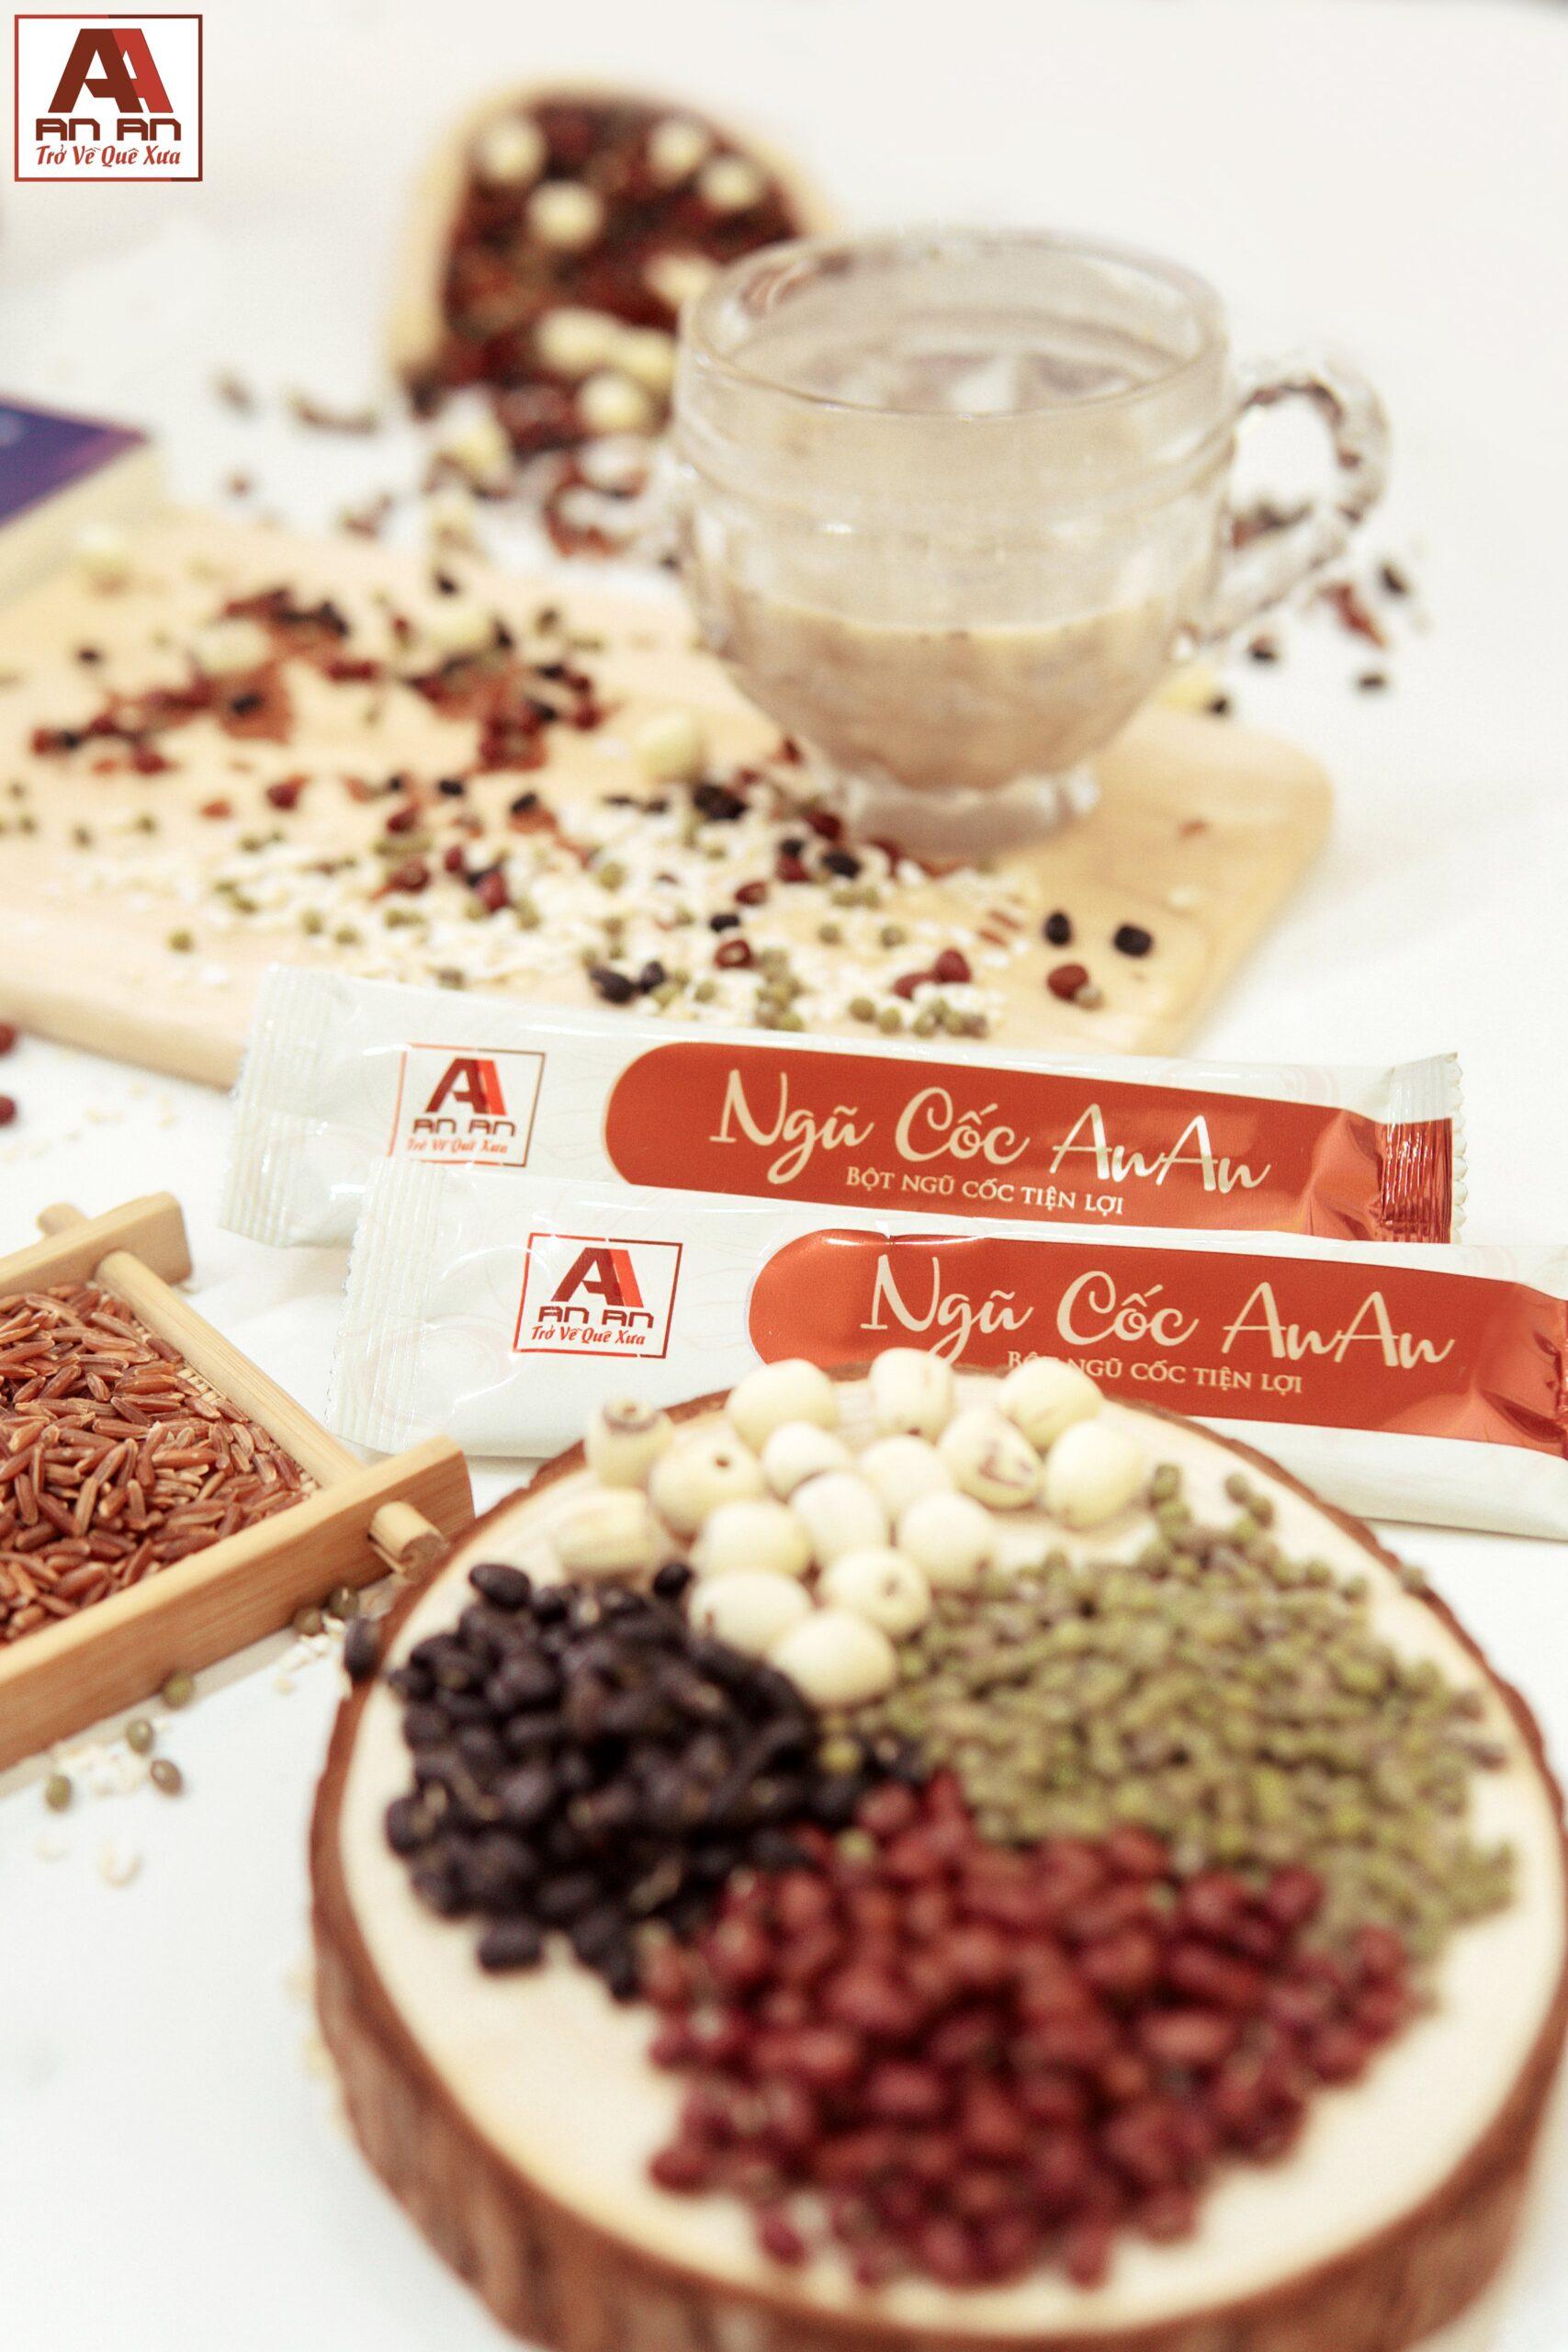 Bột ngũ cốc thảo dược cung cấp khoáng chất và vitamin tốt cho sức khỏe